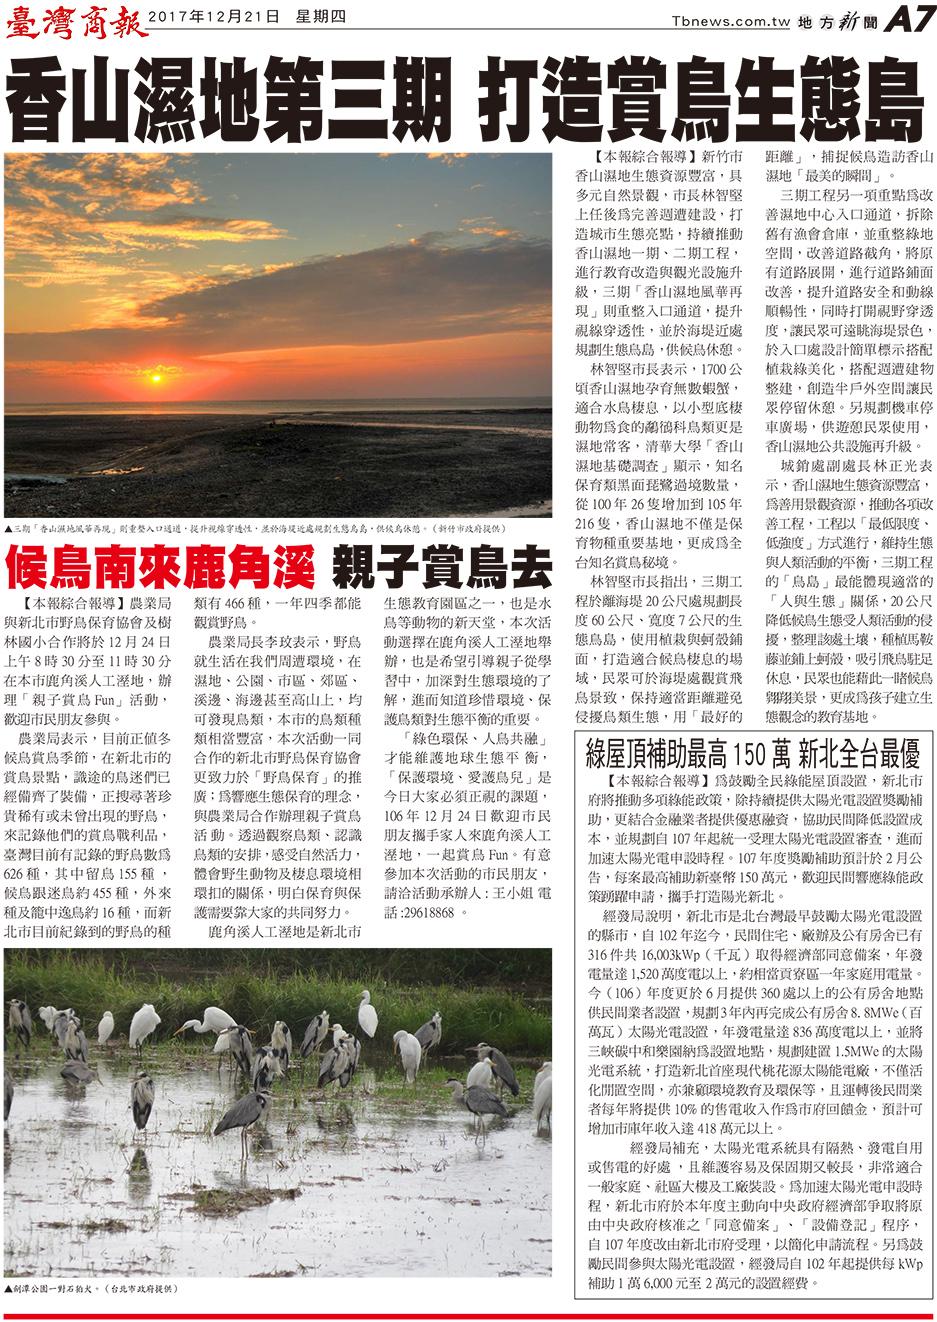 香山濕地第三期 打造賞鳥生態島